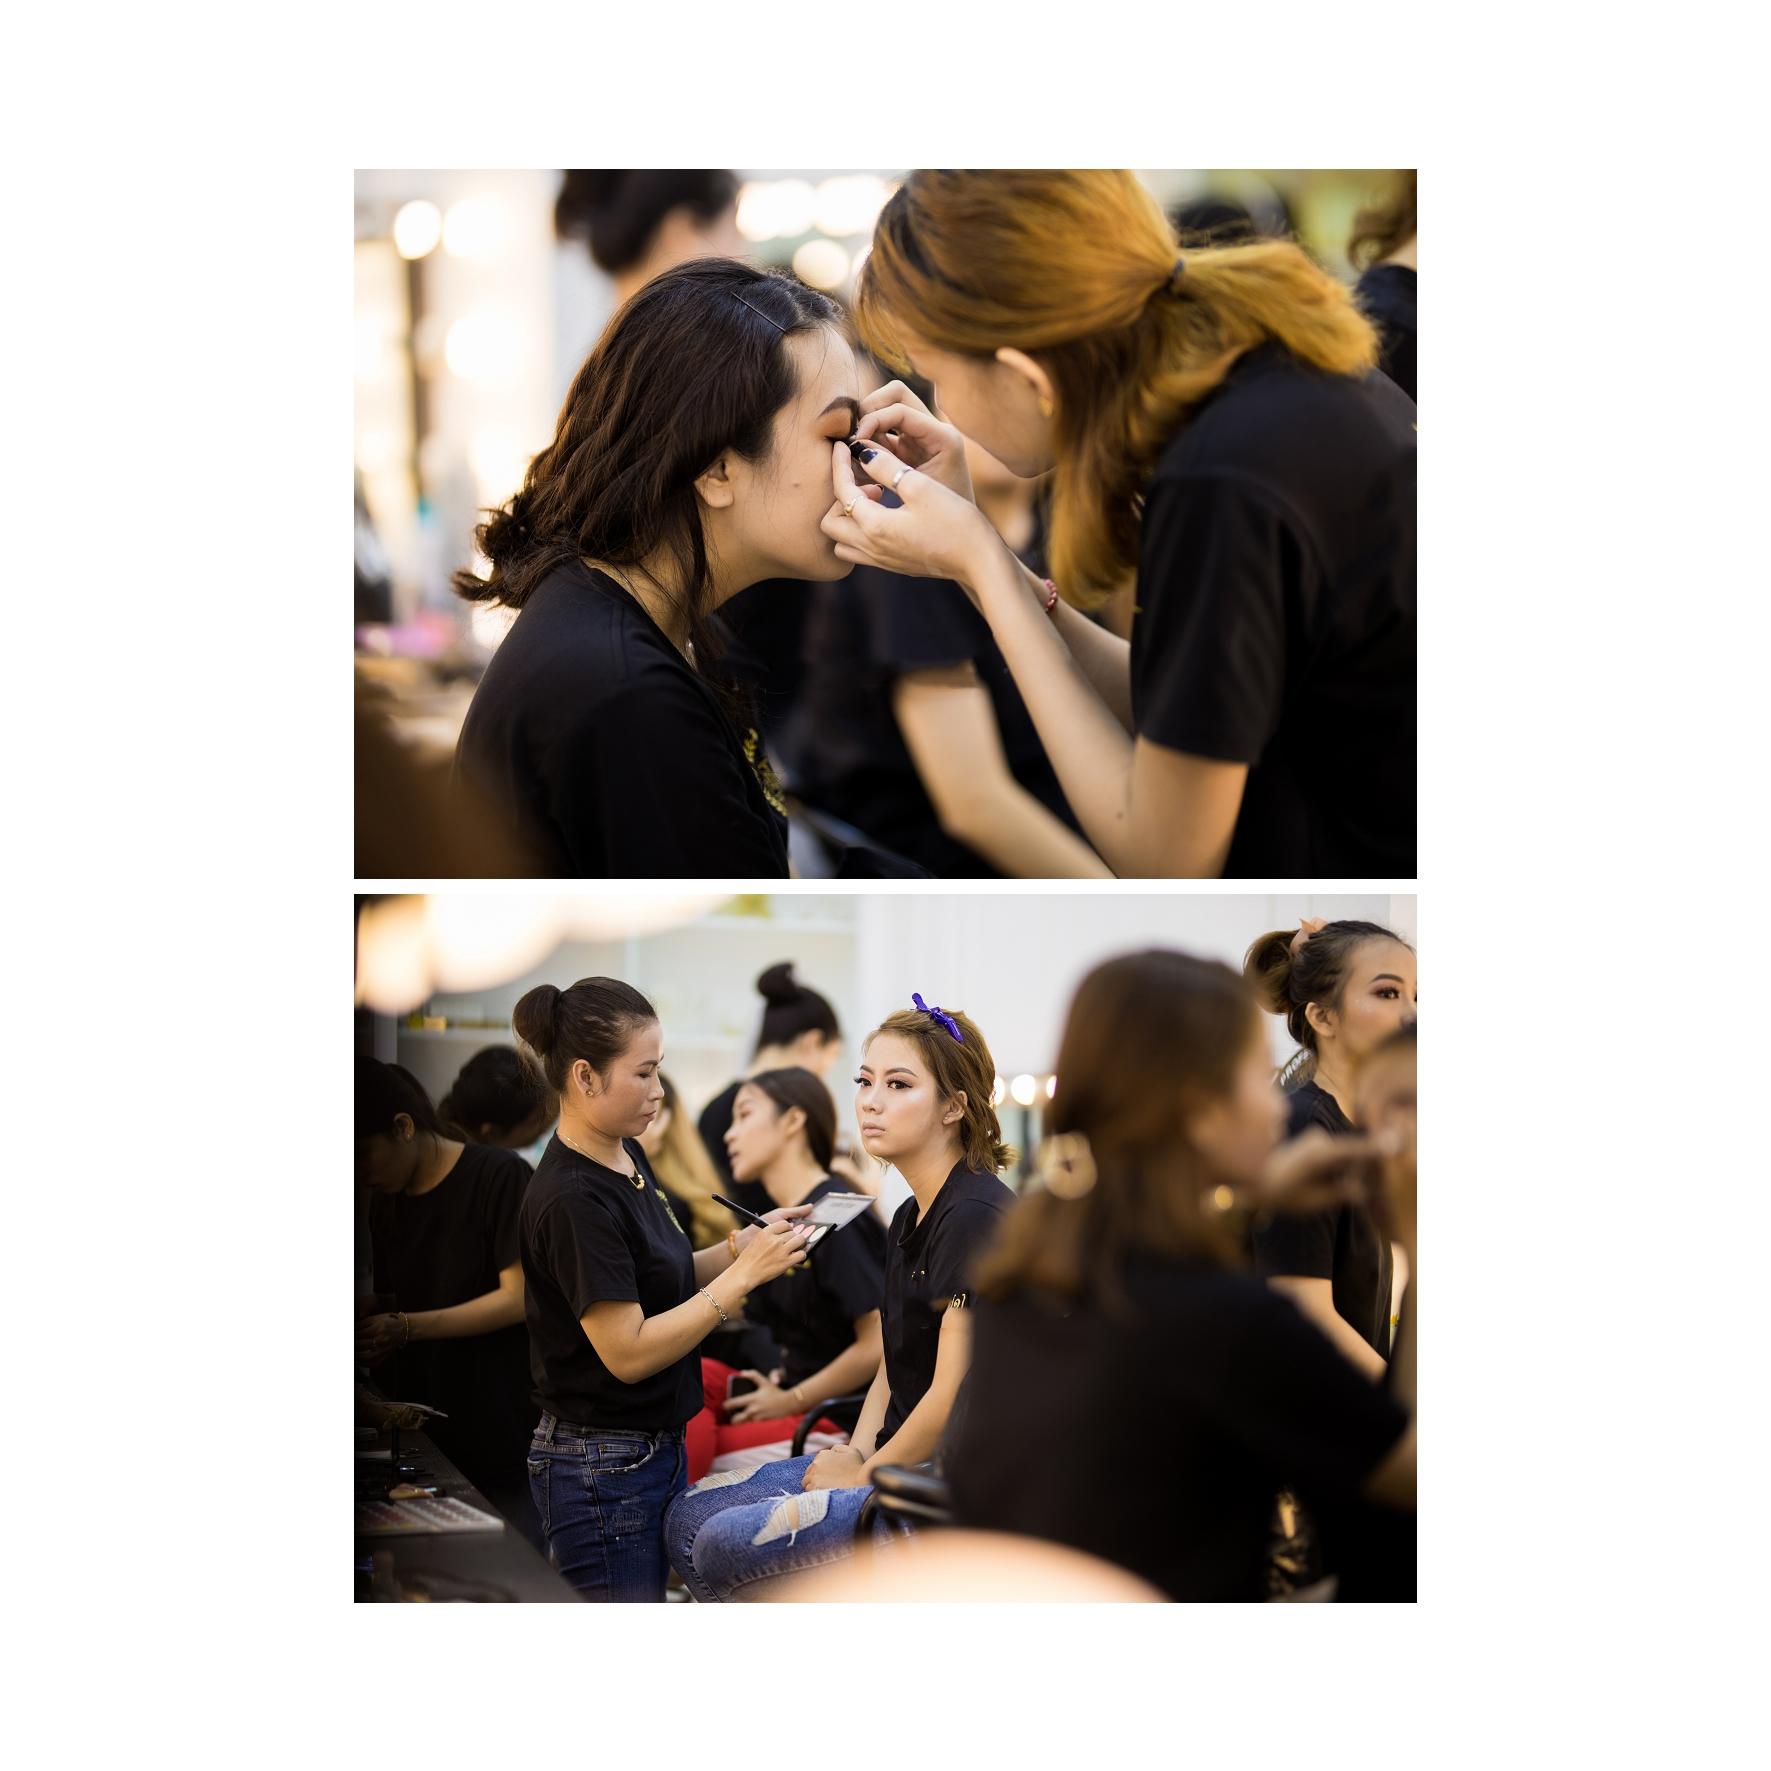 khoá học makeup chuyên nghiệp